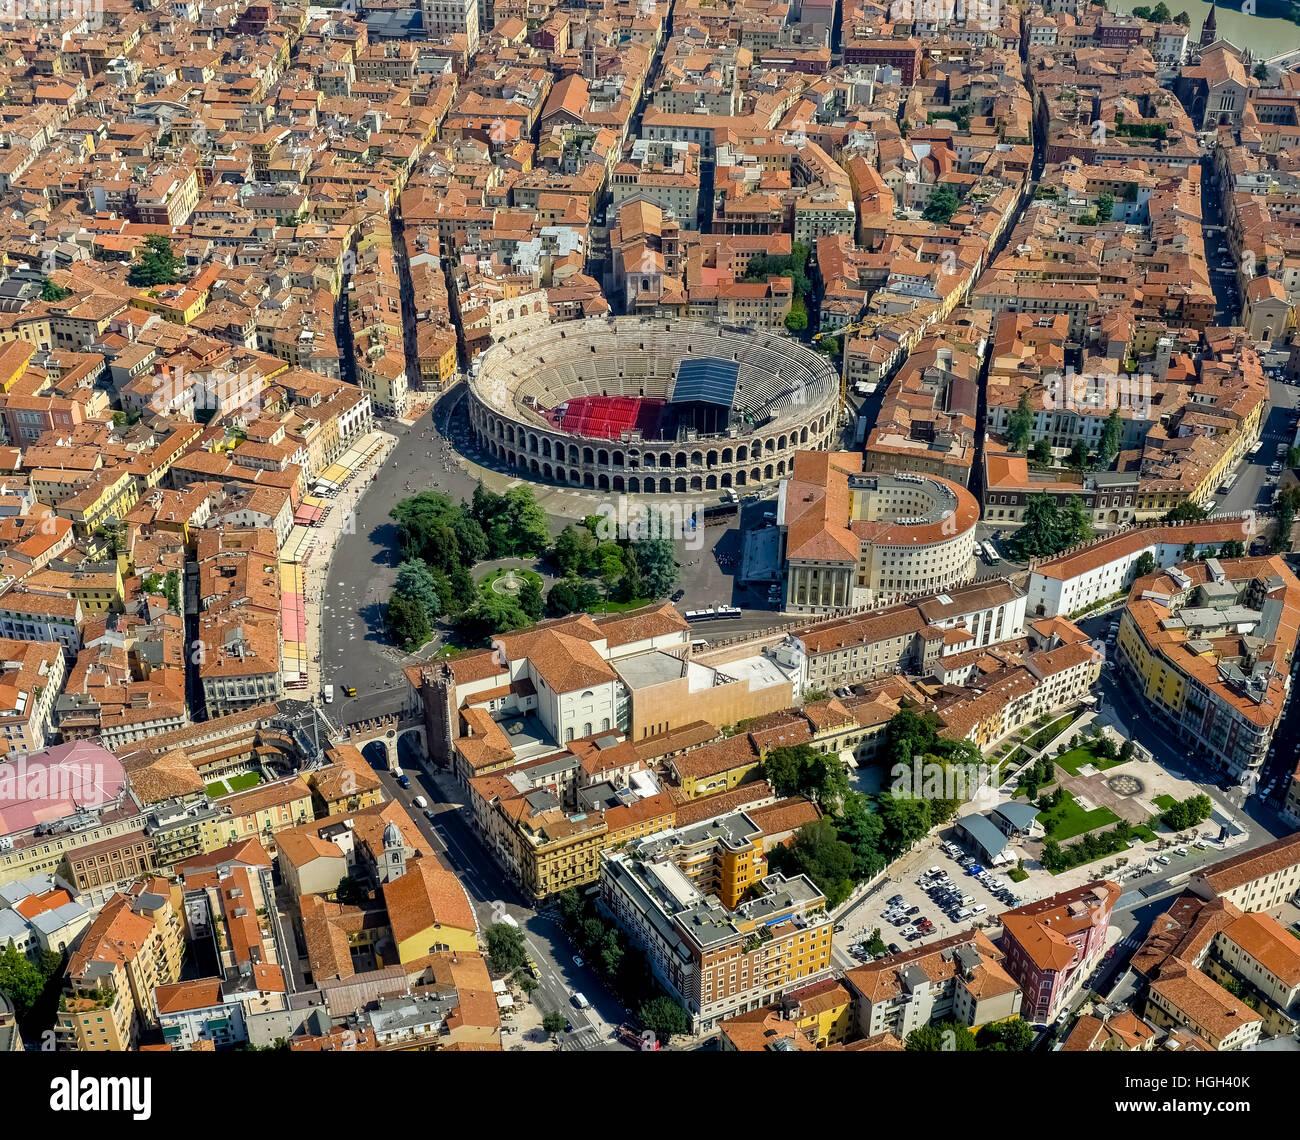 Vista de la ciudad, el centro de la ciudad con Arena di Verona, provincia de Verona, Véneto, Italia Imagen De Stock